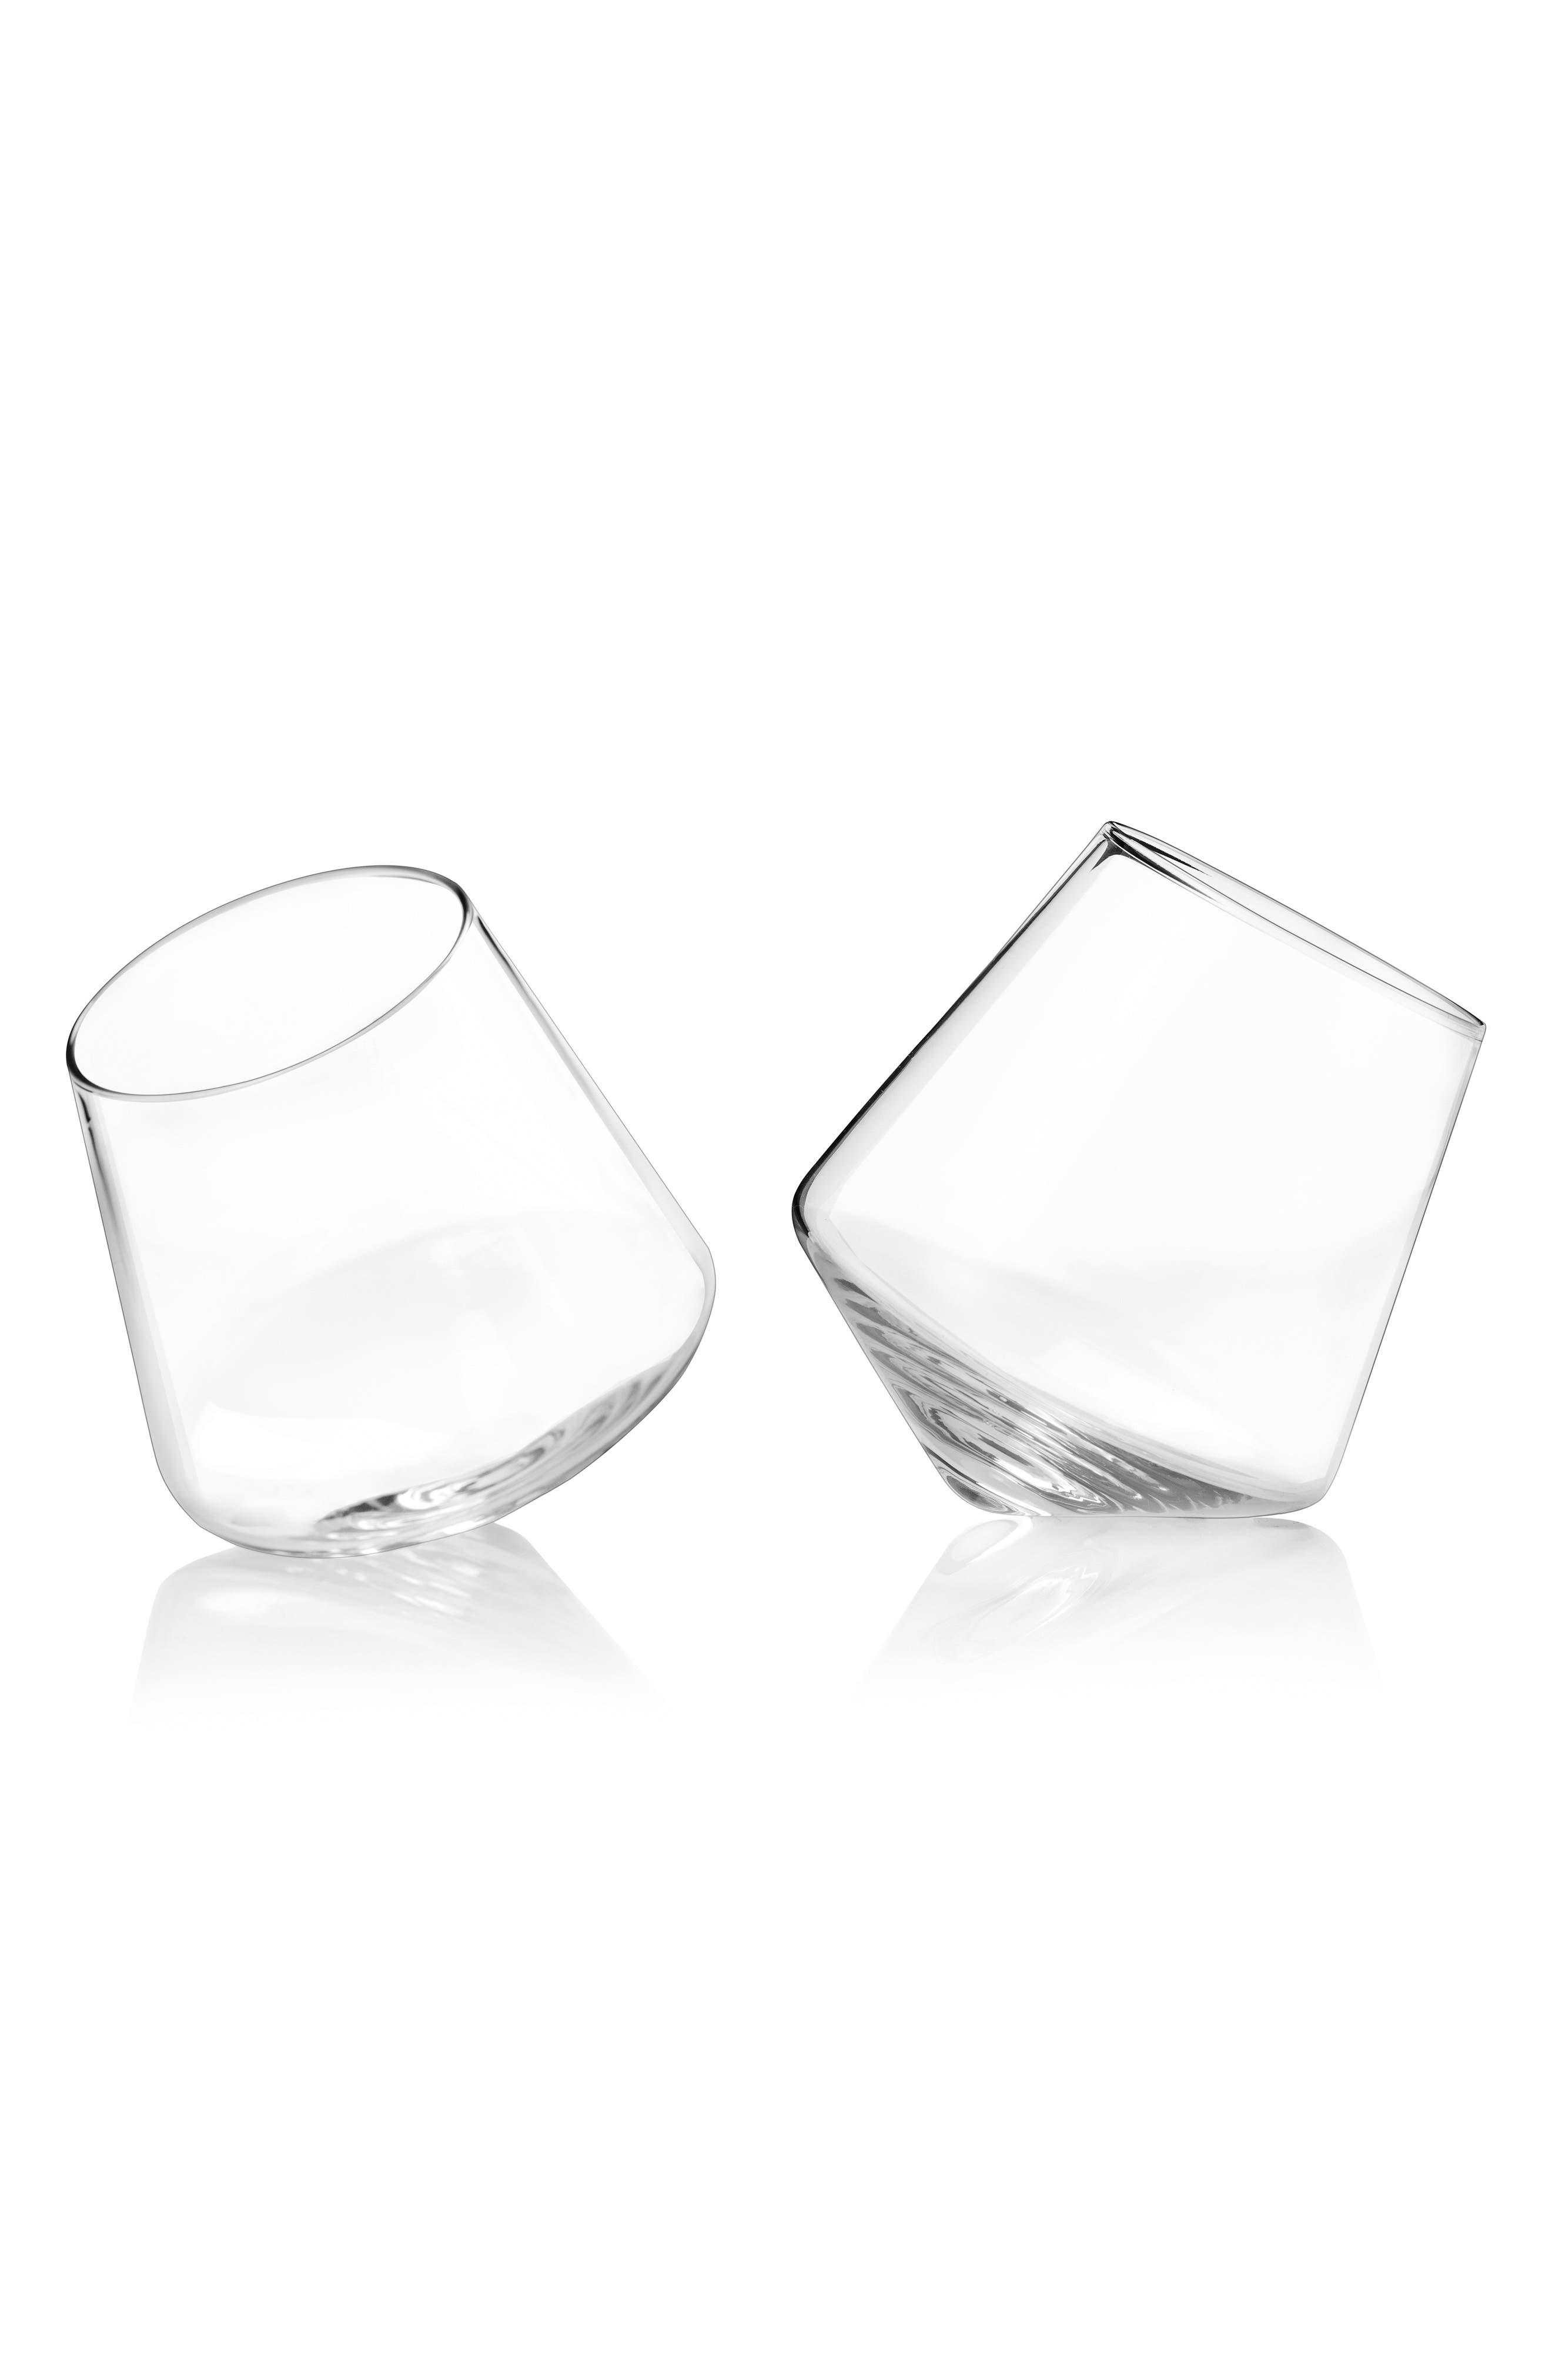 Viski Raye Set of 2 Rolling Stemless Wine Glasses